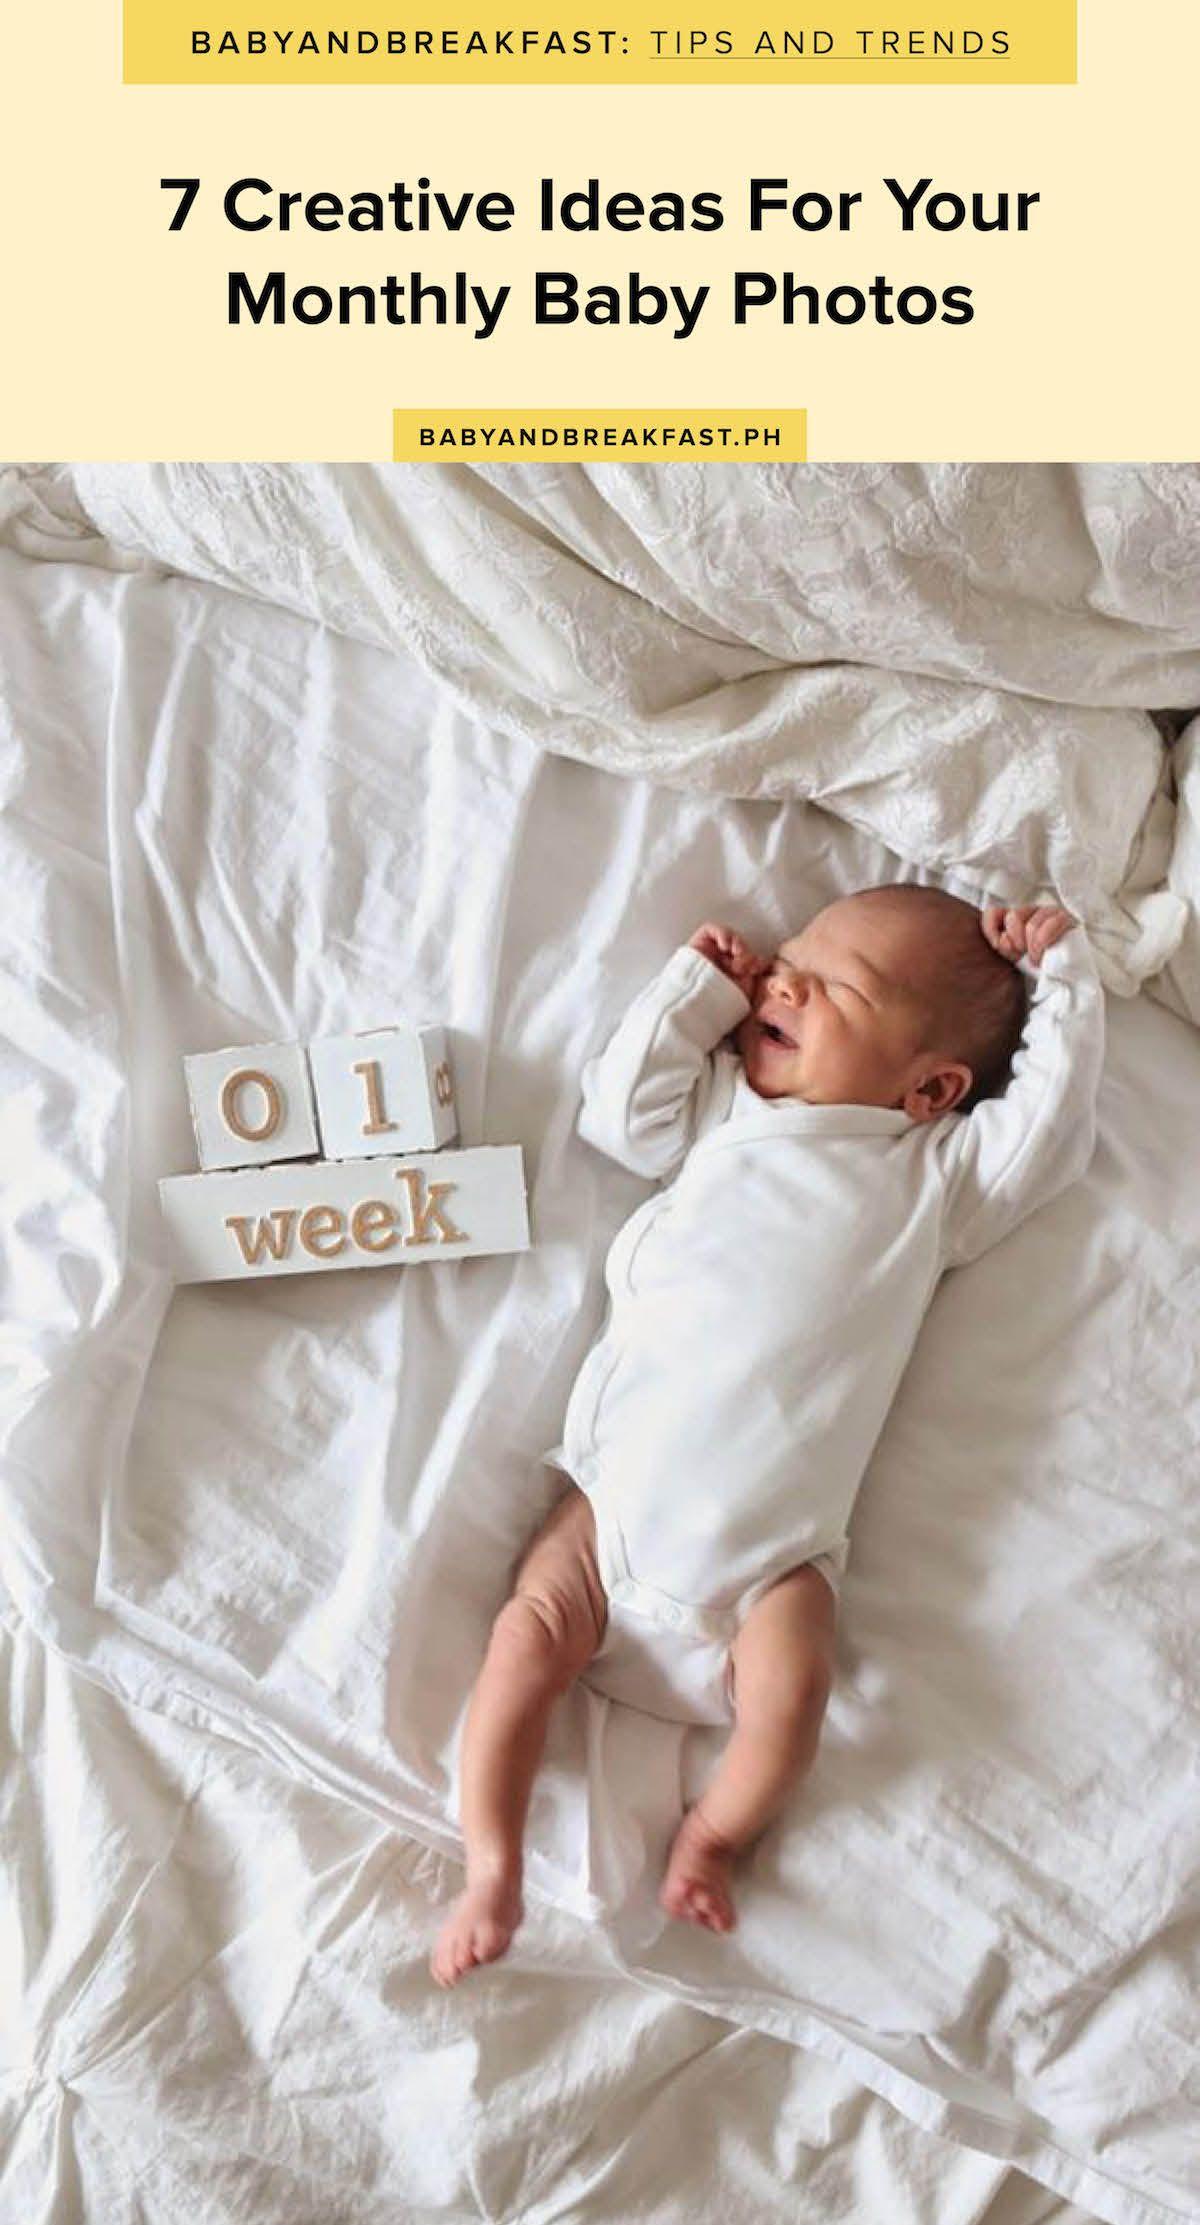 pinworms a baba hüvelyében